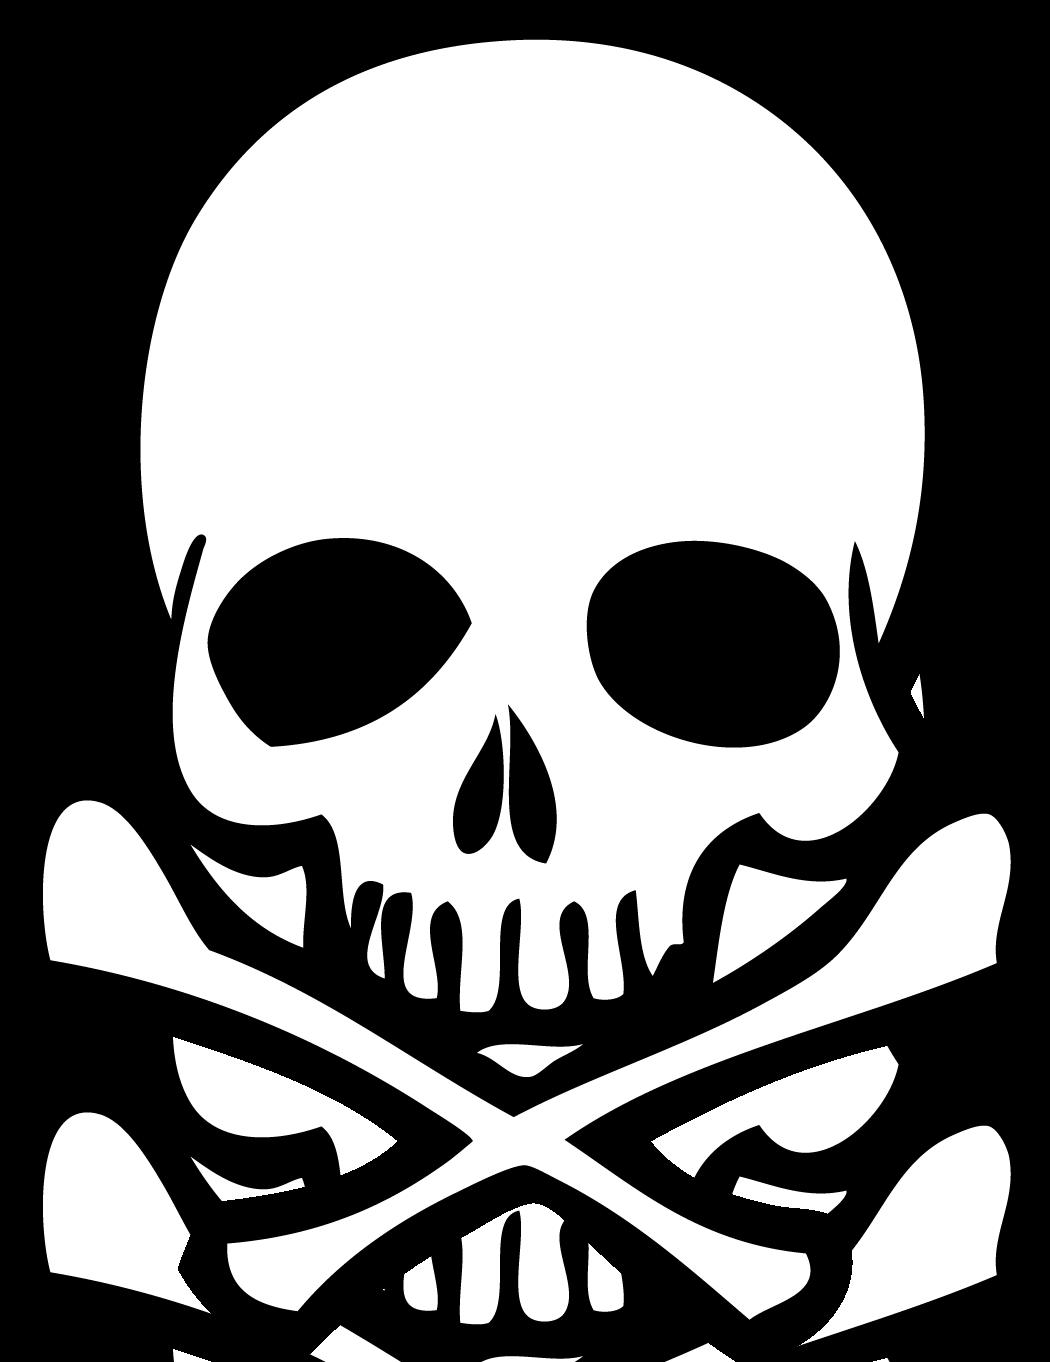 Skulls and bones clipart - ClipartFox ...